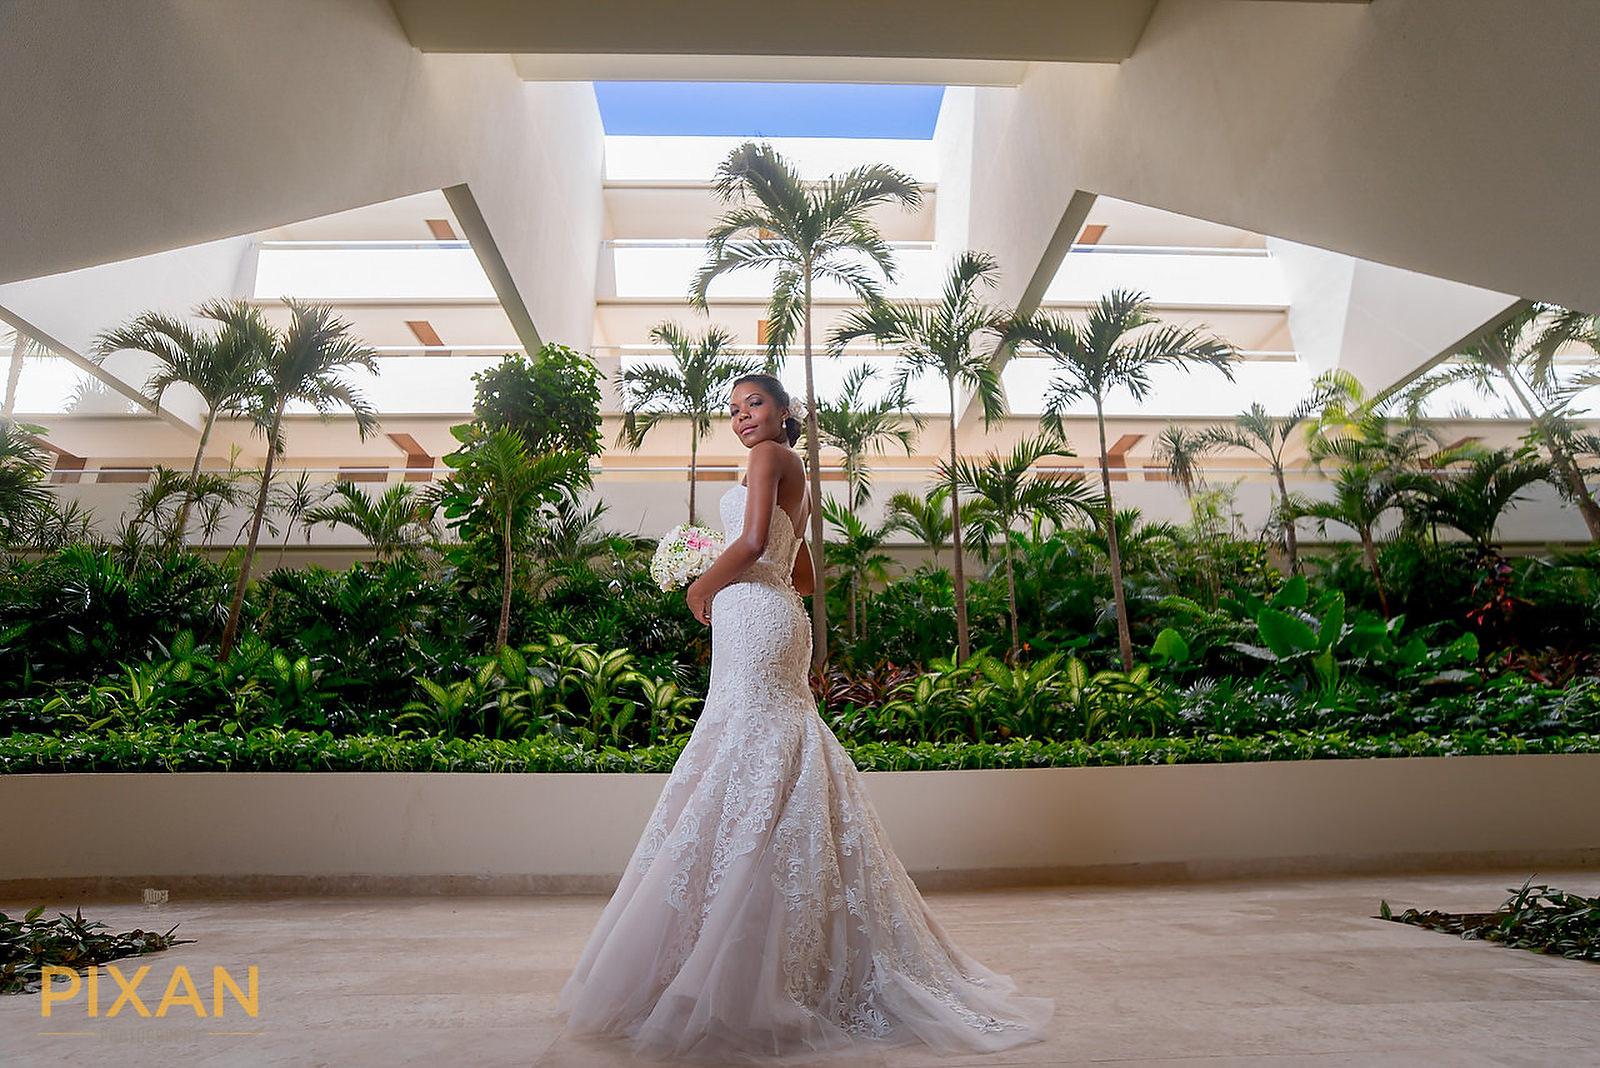 Hyatt Ziva Cancun Bride